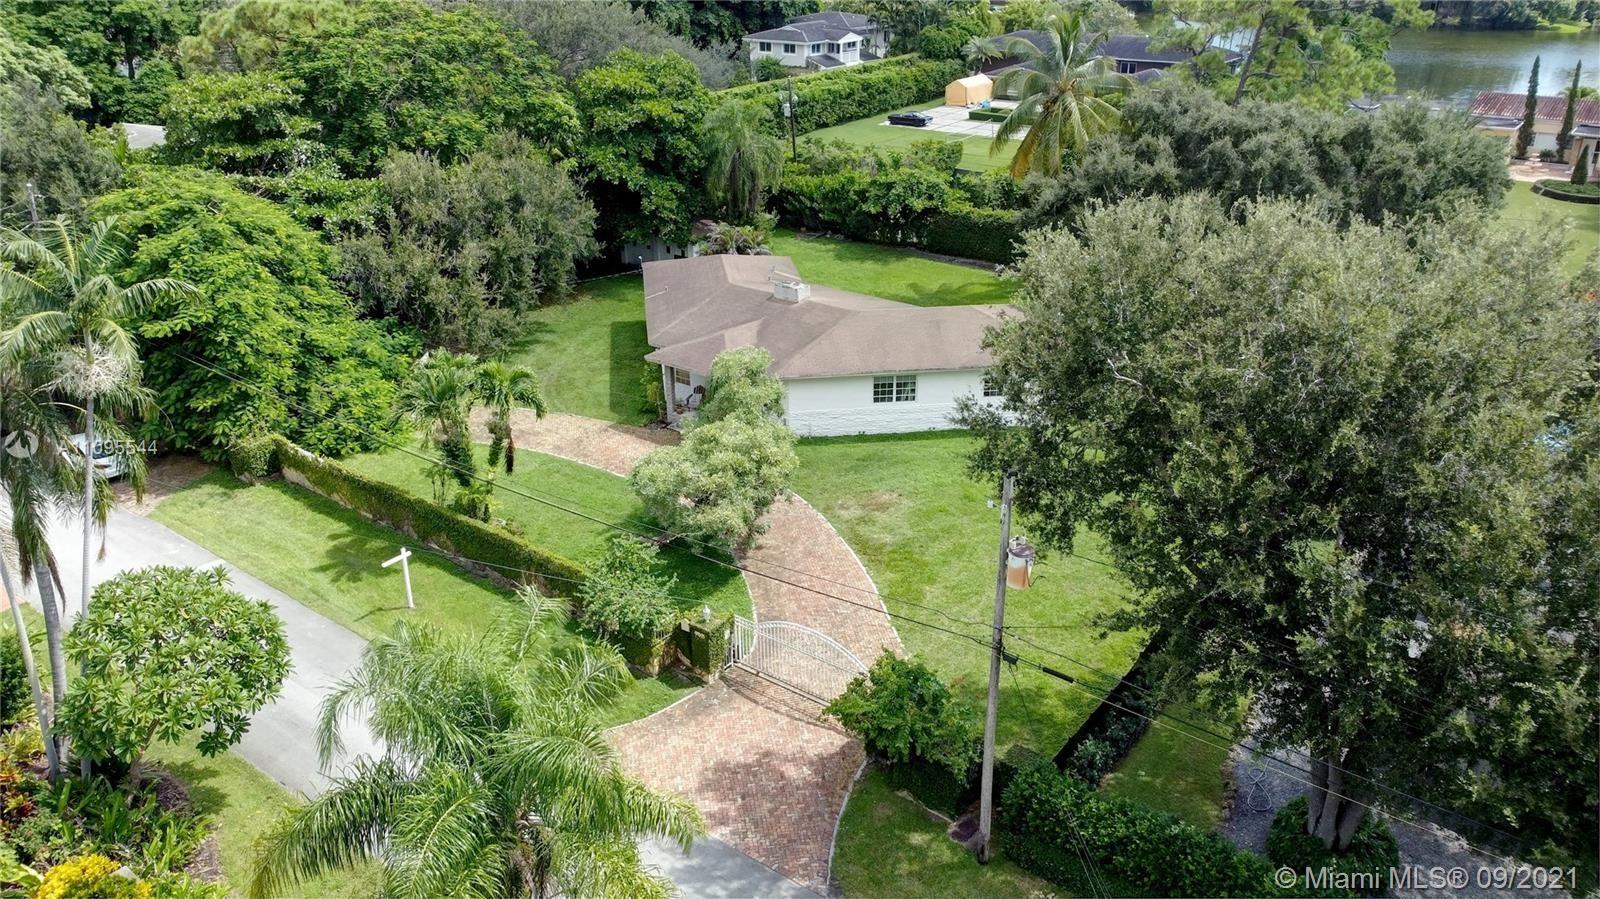 4515 SW 64th Ct, Miami, FL 33155 - #: A11095544